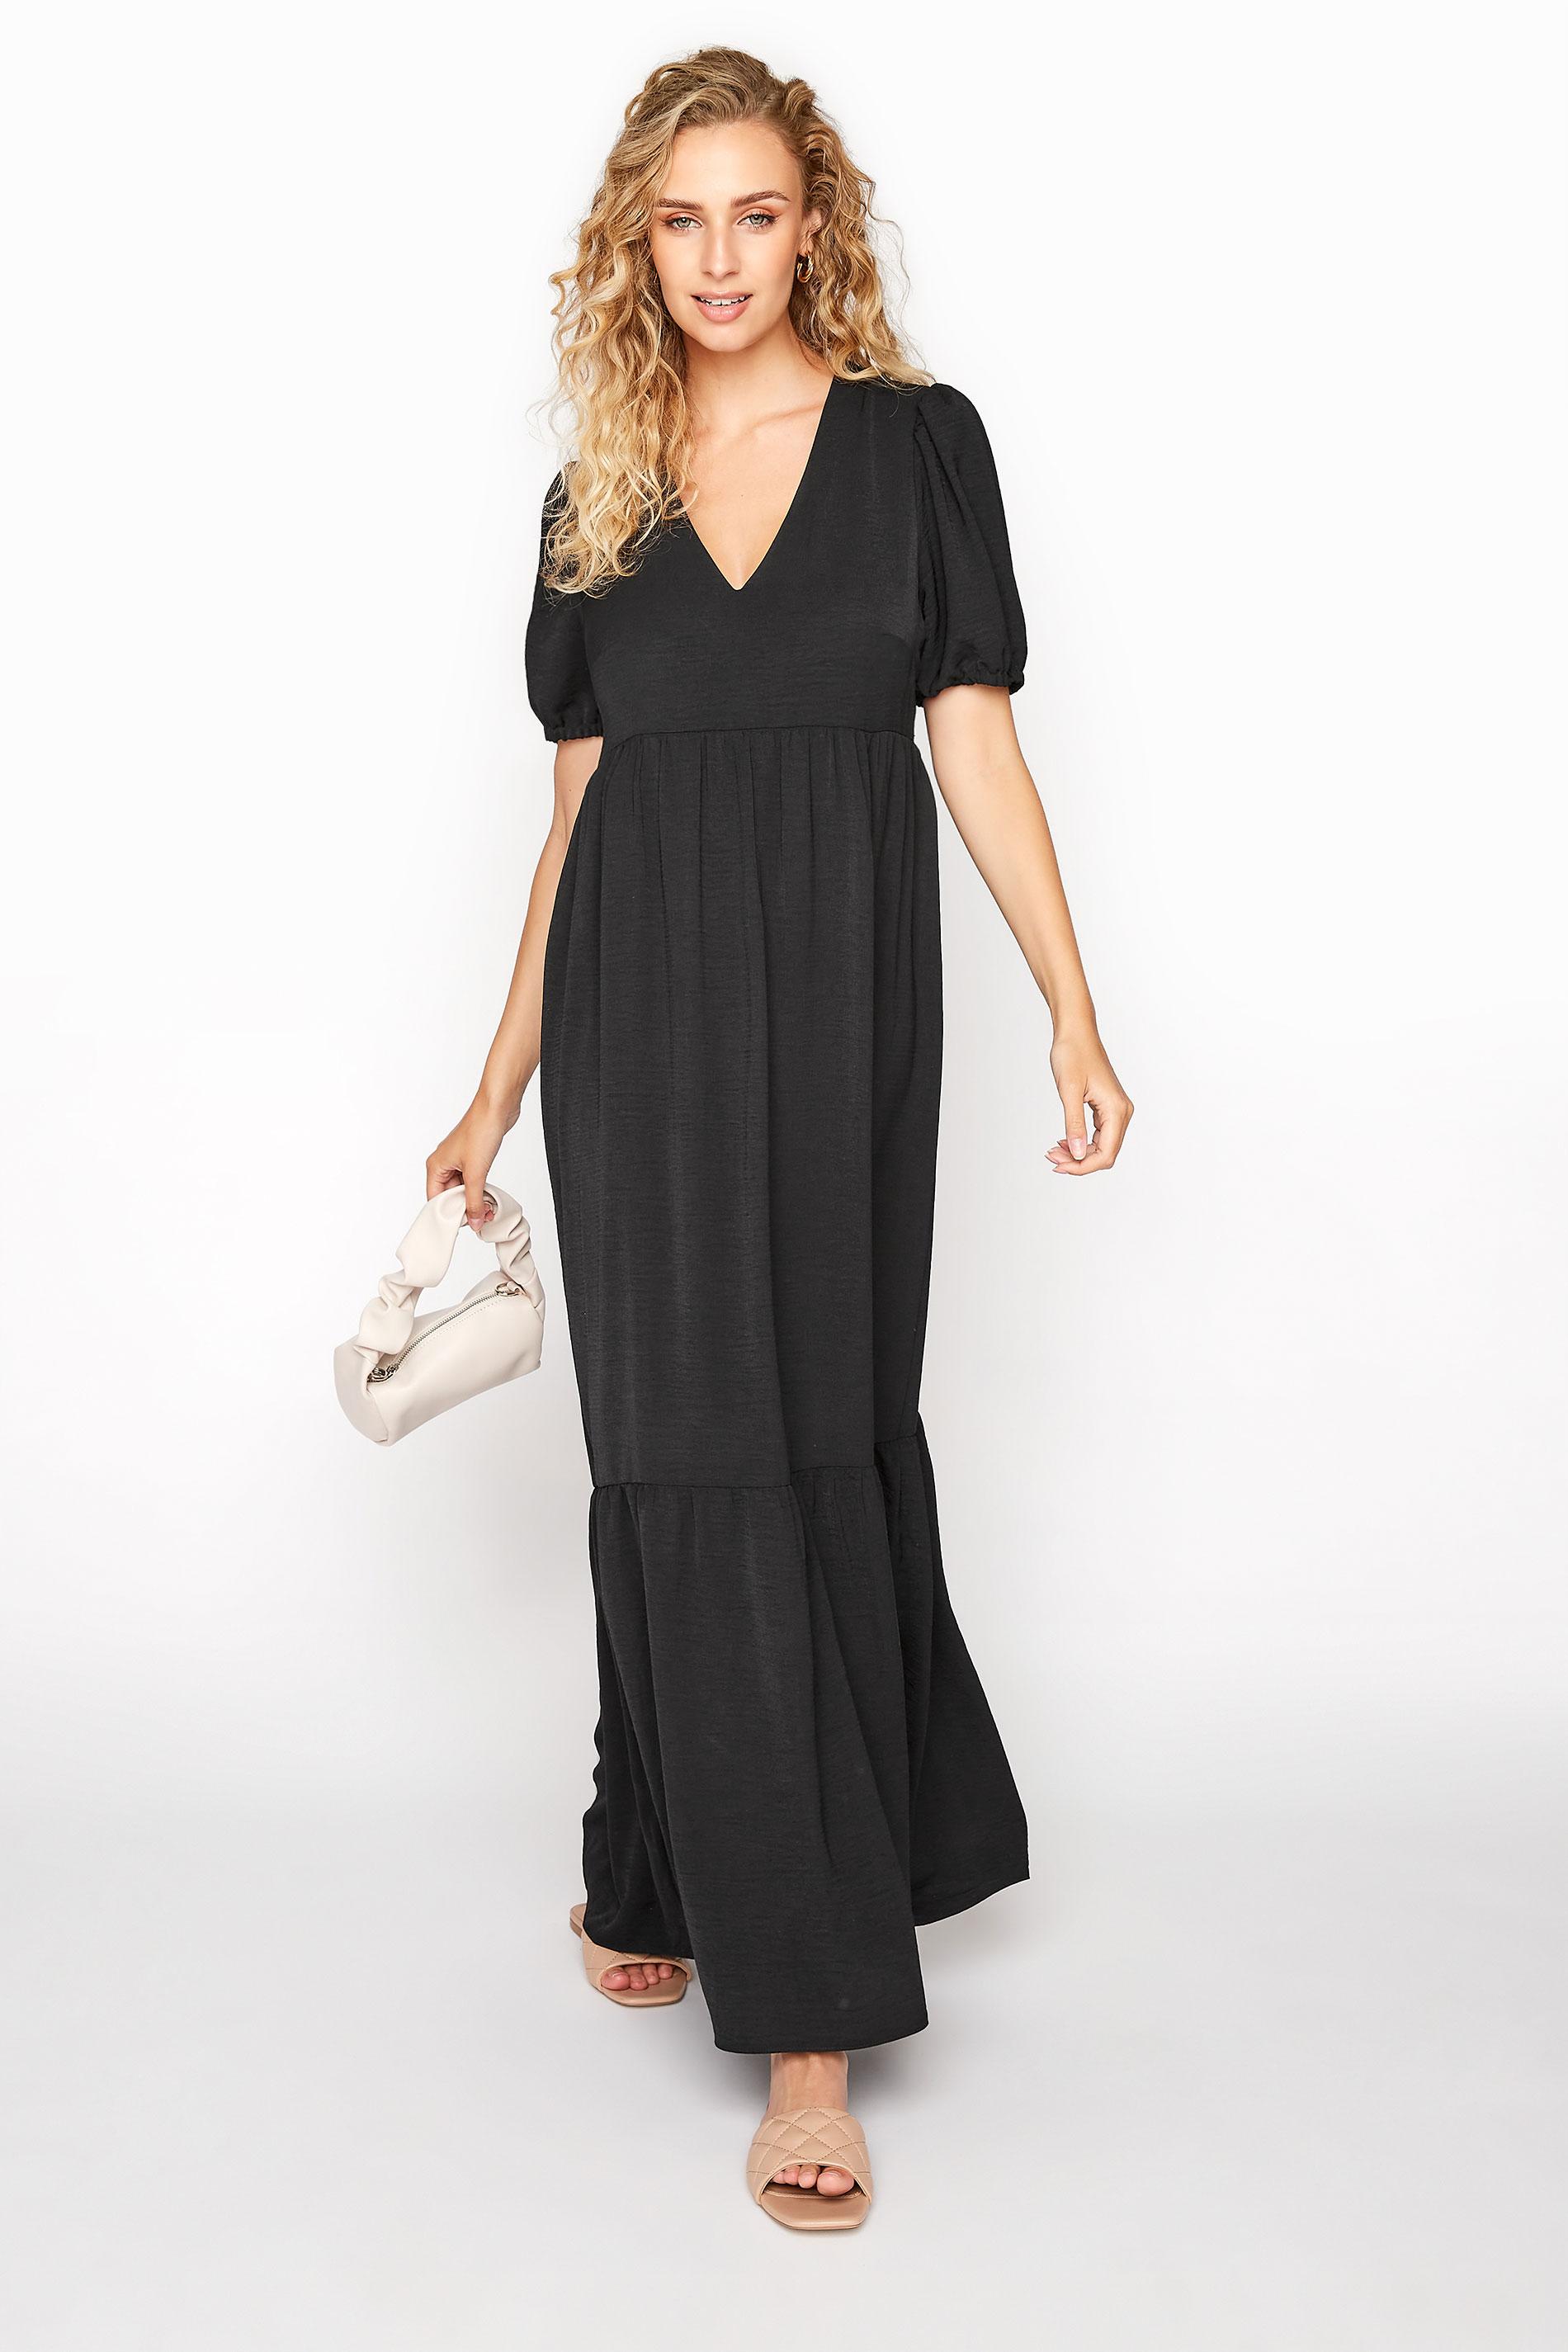 LTS Black Twill Tiered Midaxi Dress